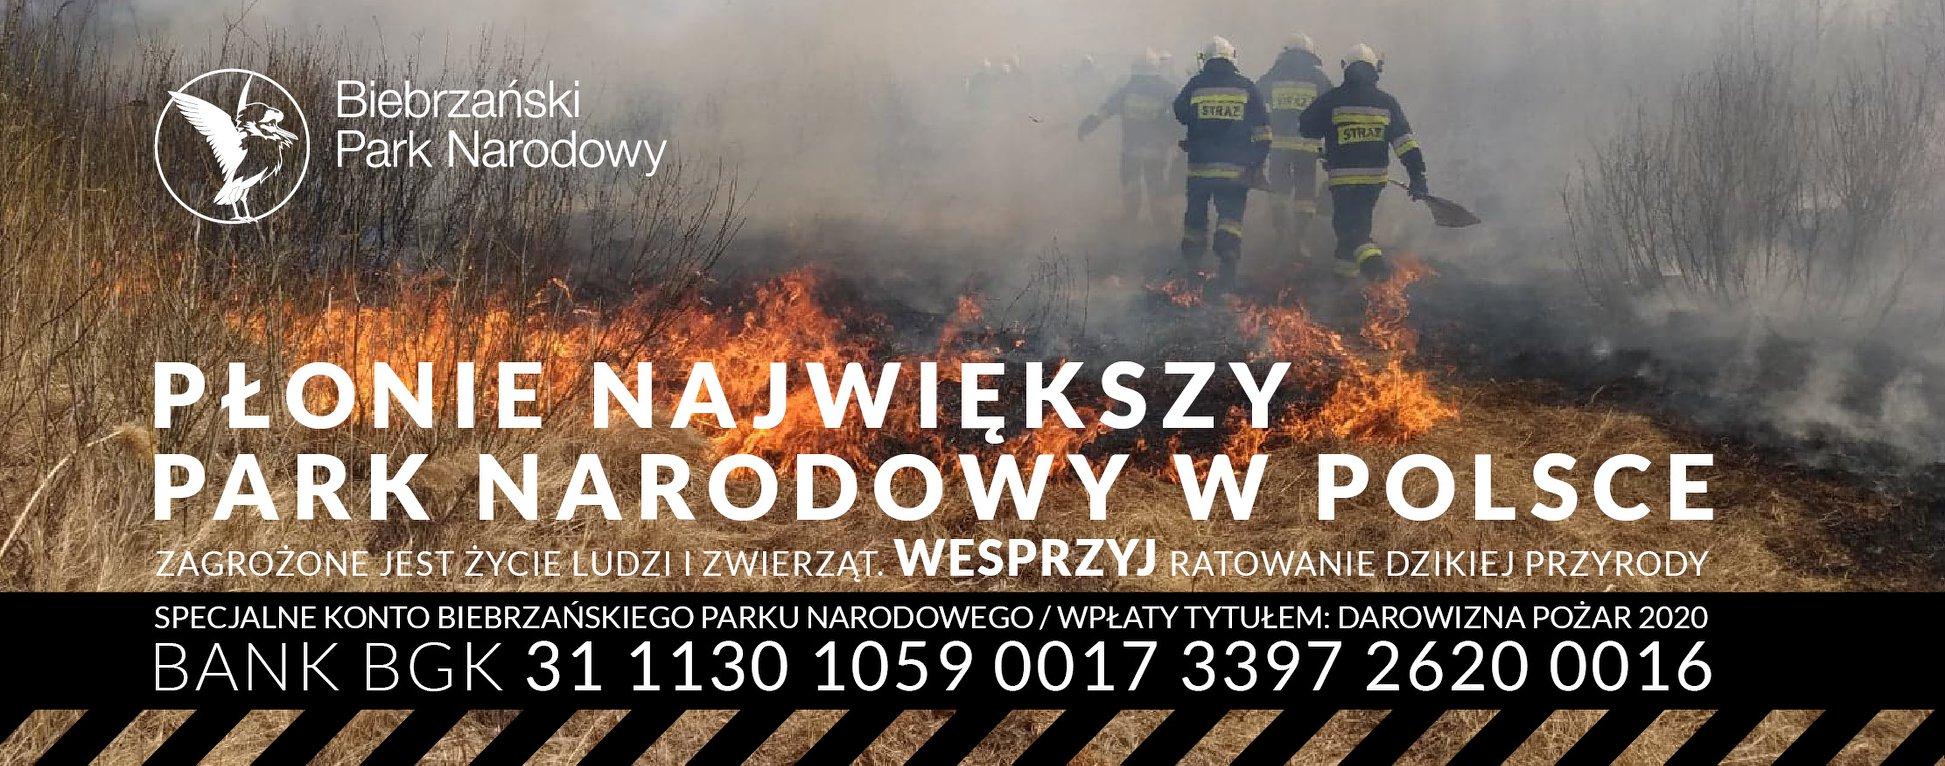 Biebrzański Park Narodowy wciąż płonie